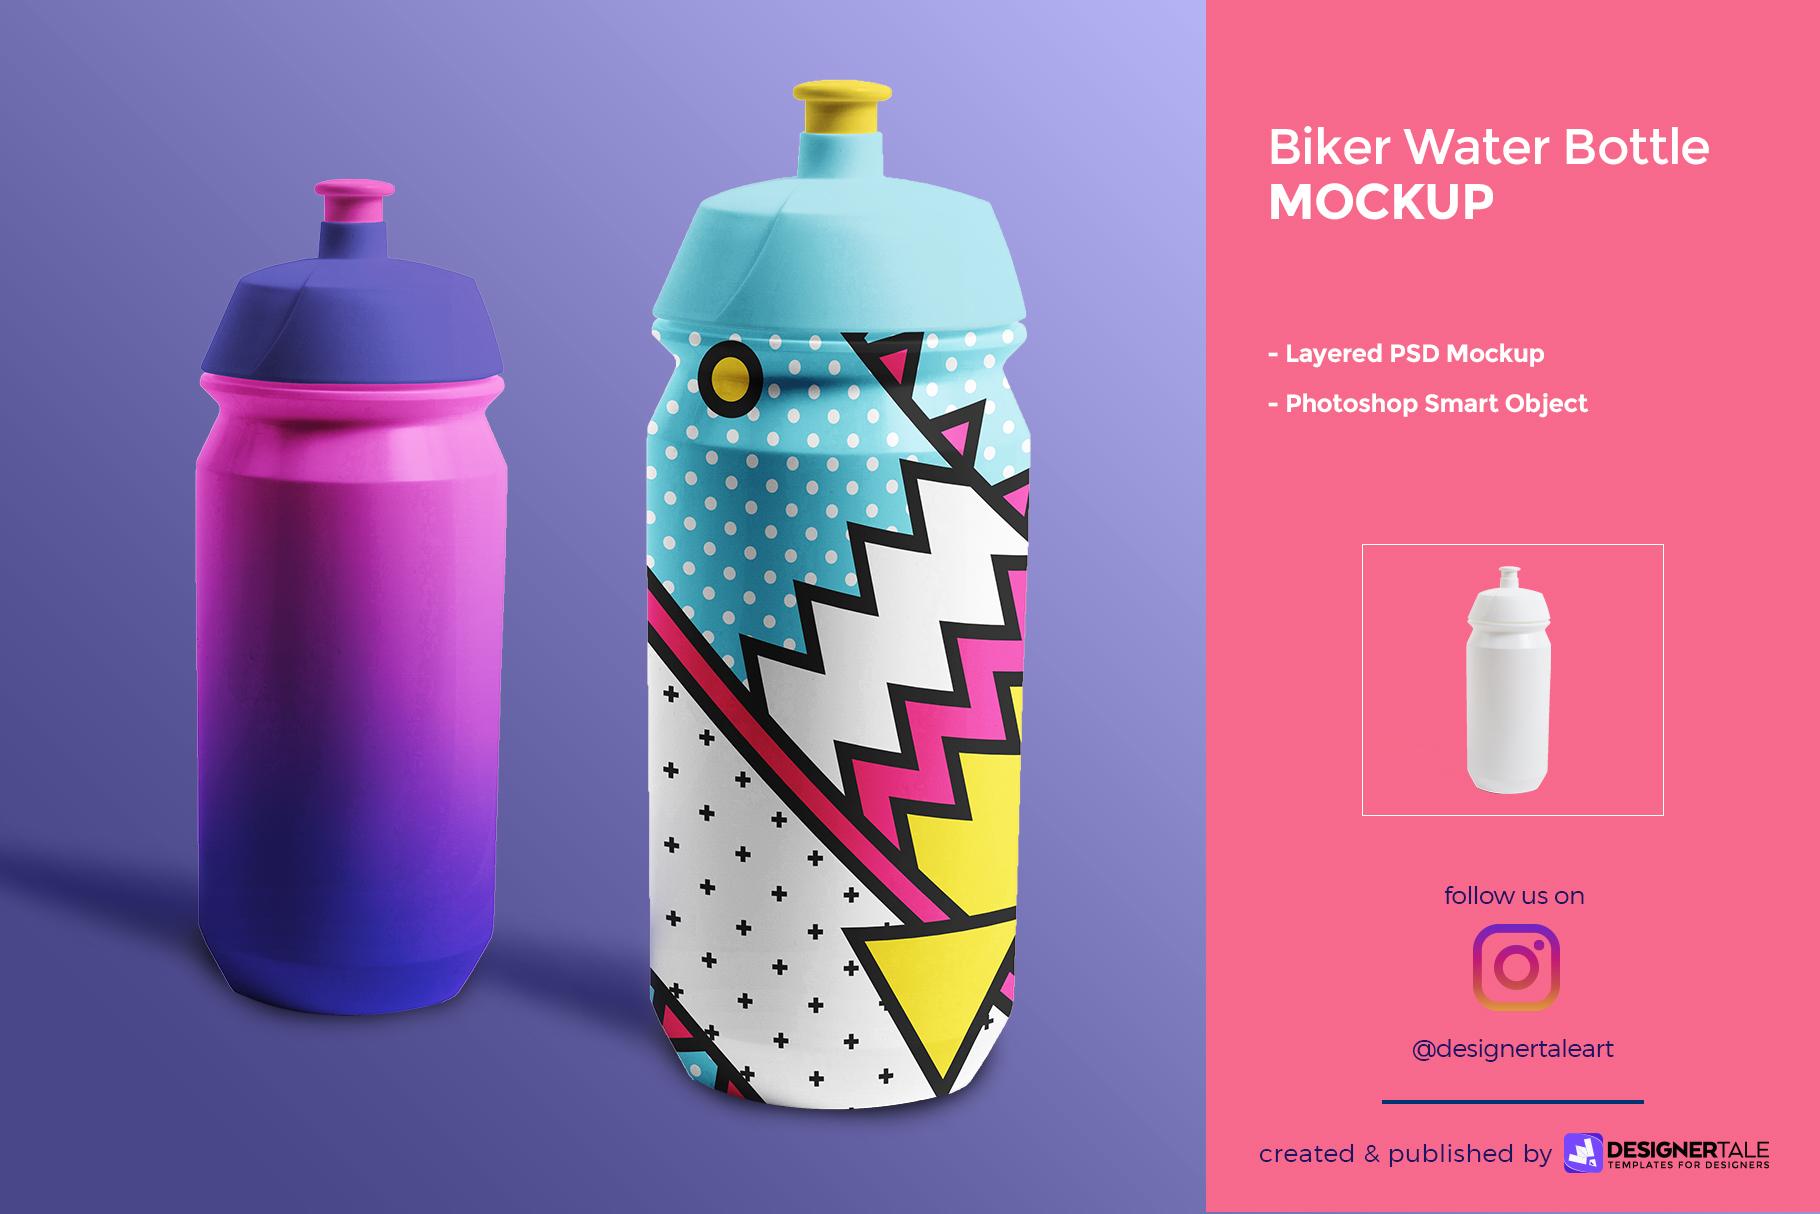 biker water bottle mockup